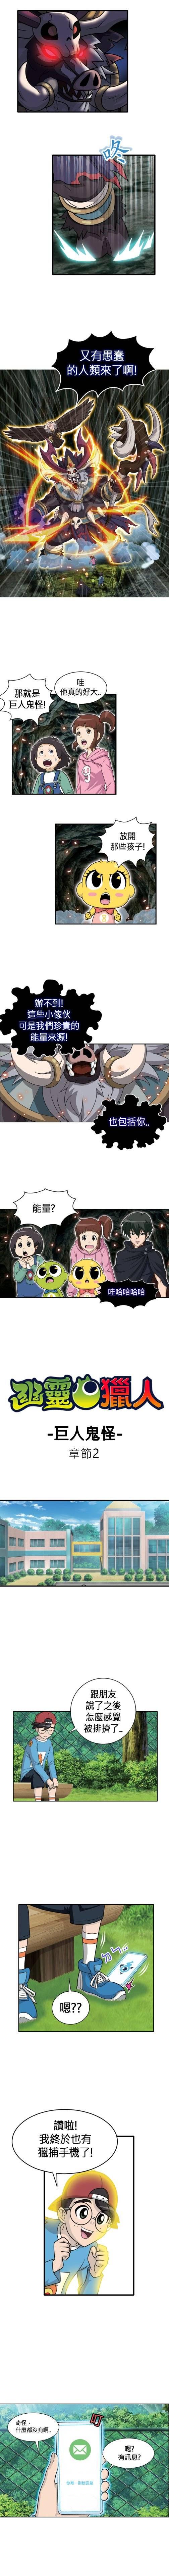 幽靈獵人-神秘公寓: 遊戲介紹 - 網絡卡通 -4 image 6